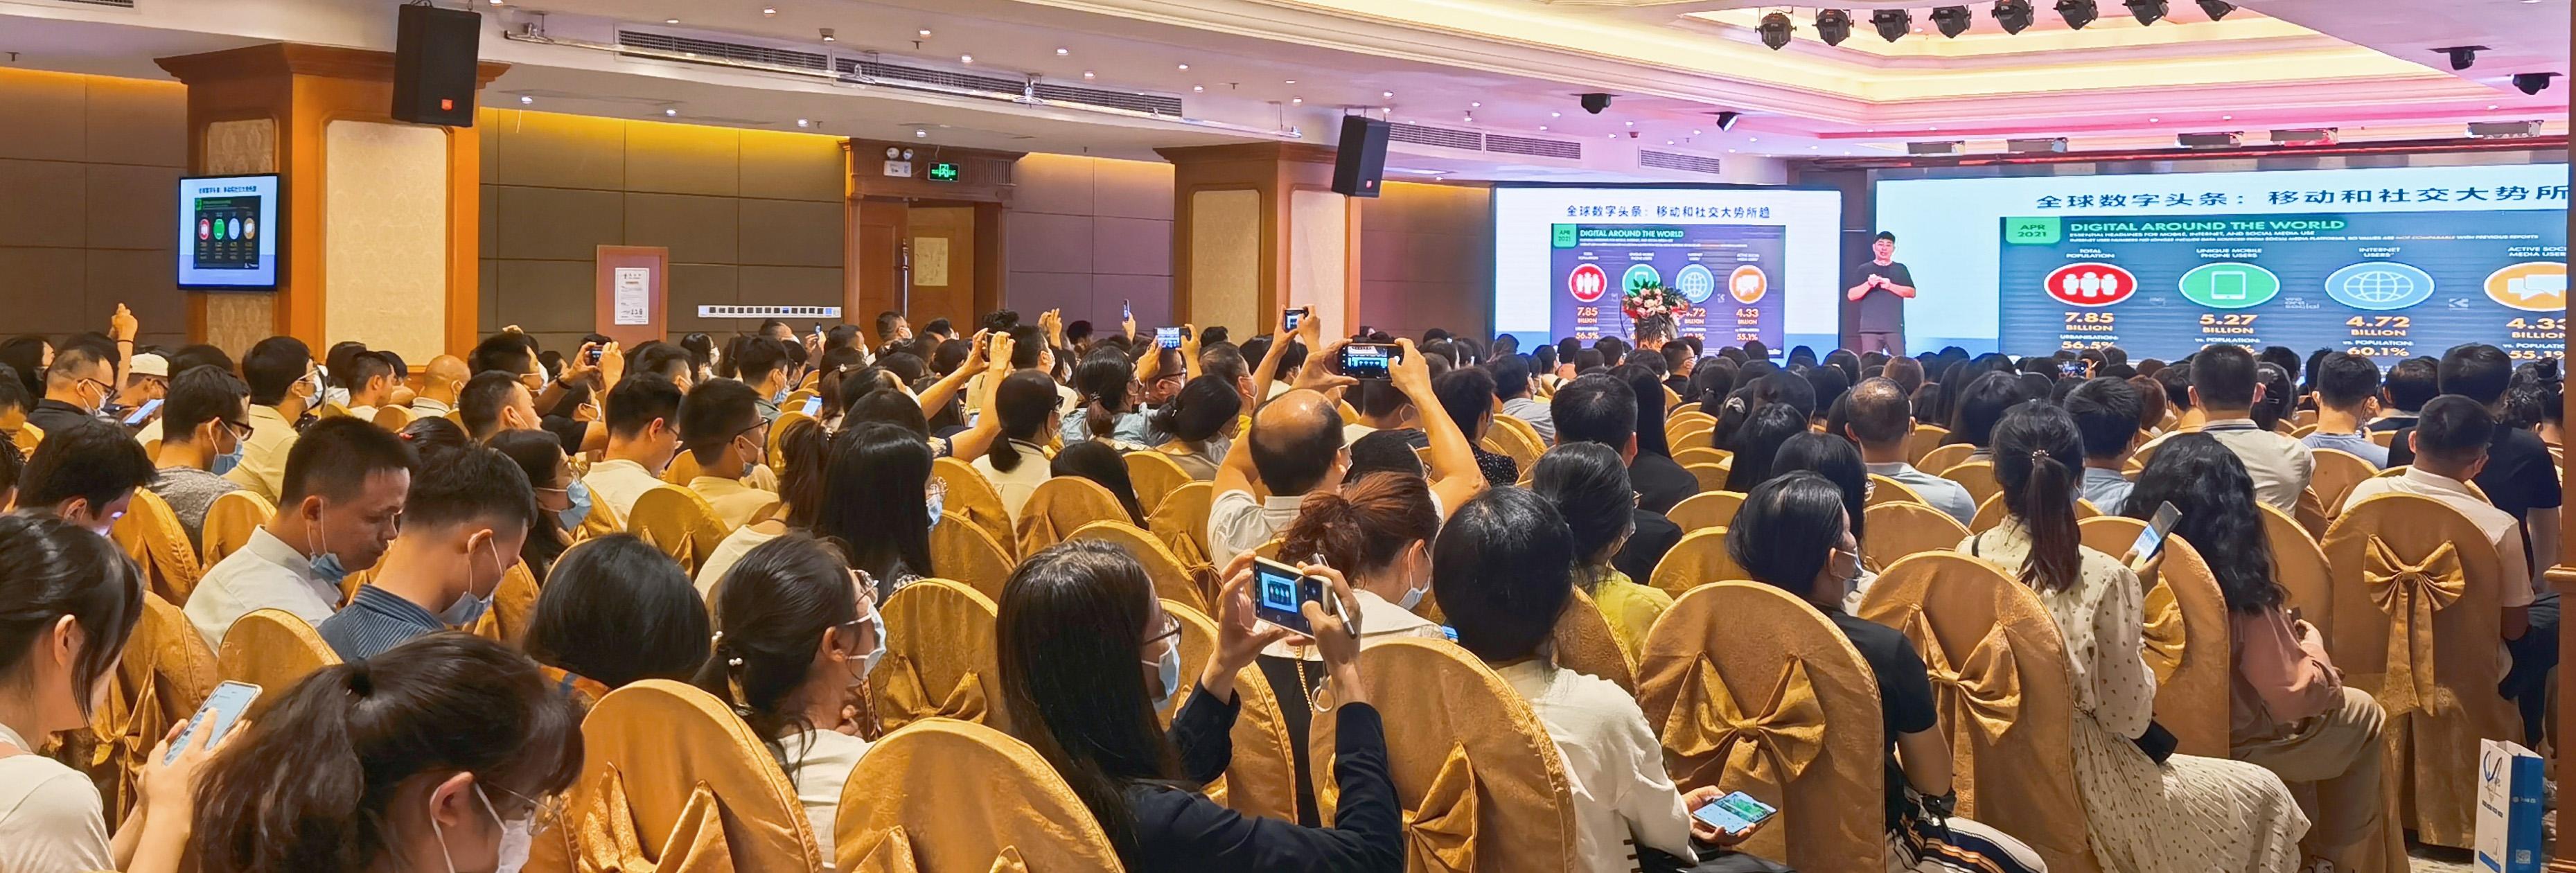 【外贸增长学院】第11期 | 深圳站 赢在LinkedIn实战分享会!